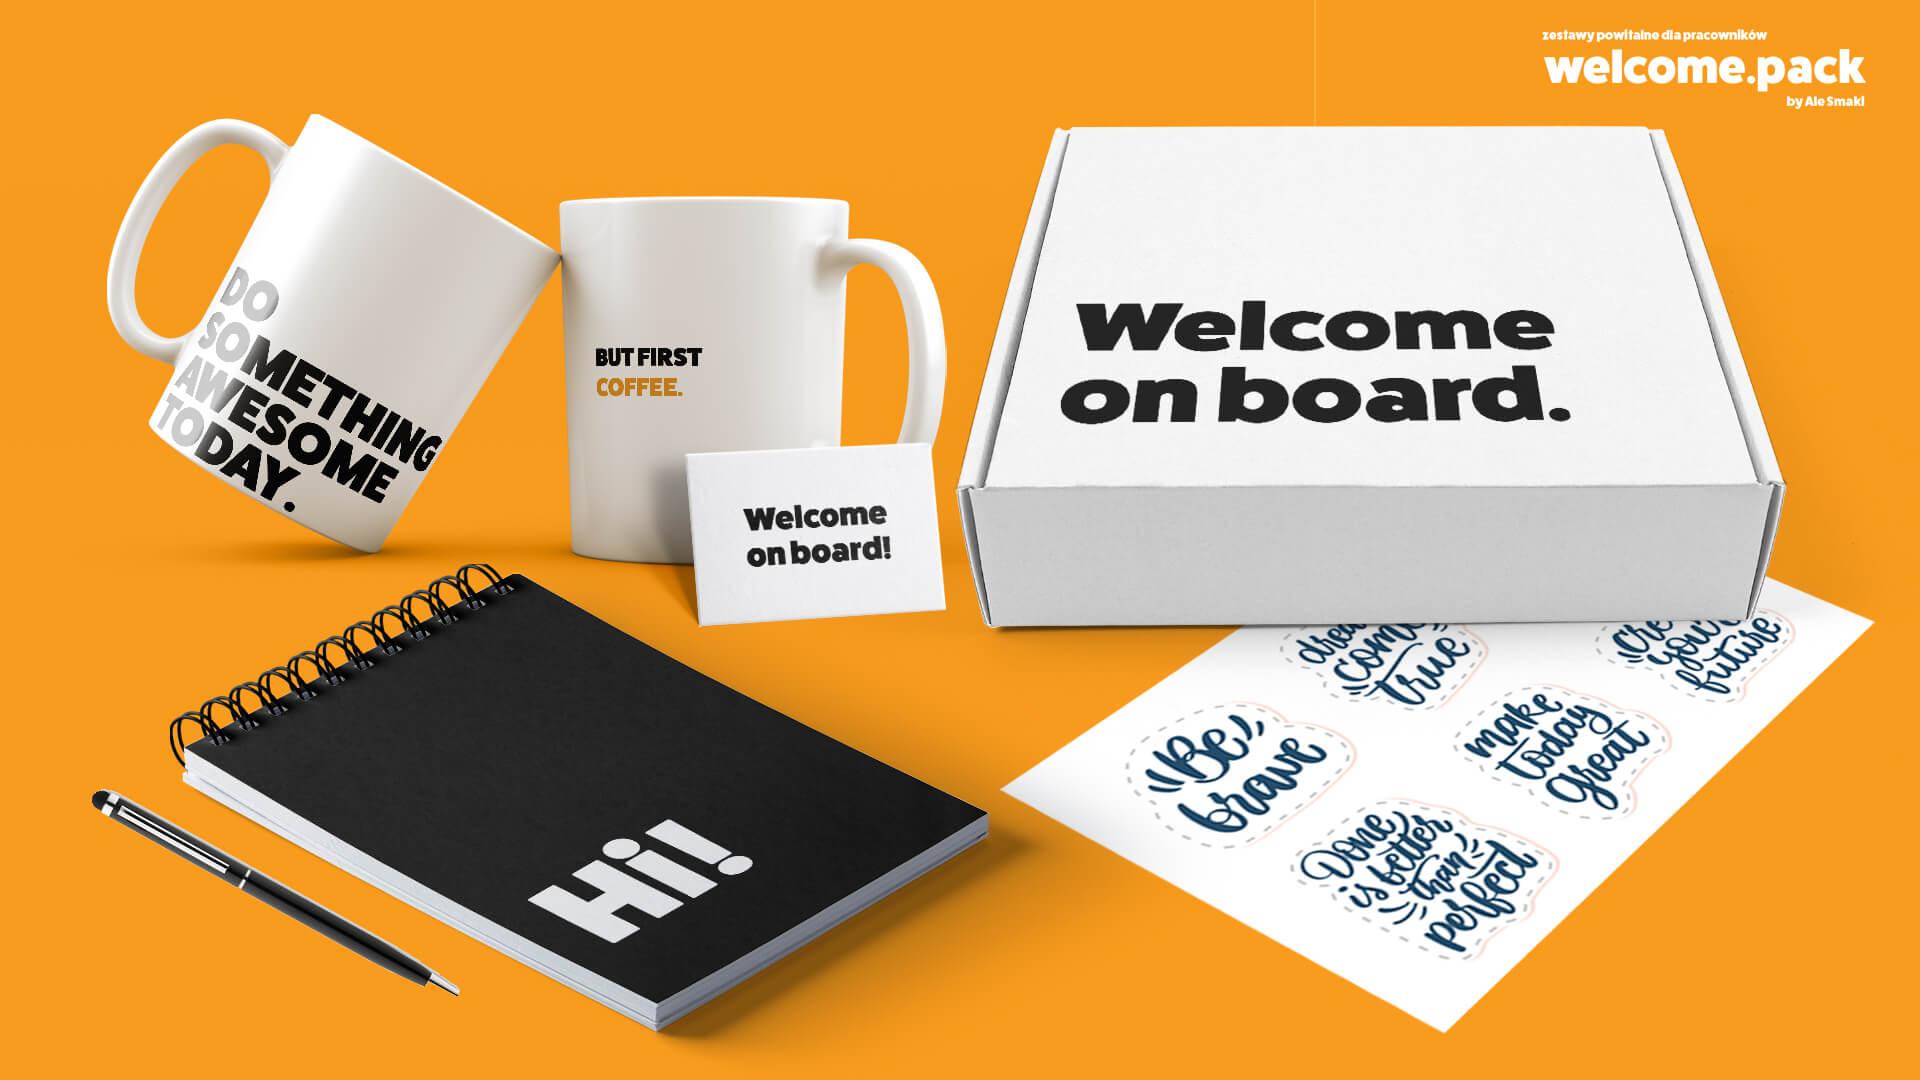 welcome pack 03_ale smaki zestawy powitalne dla pracowników